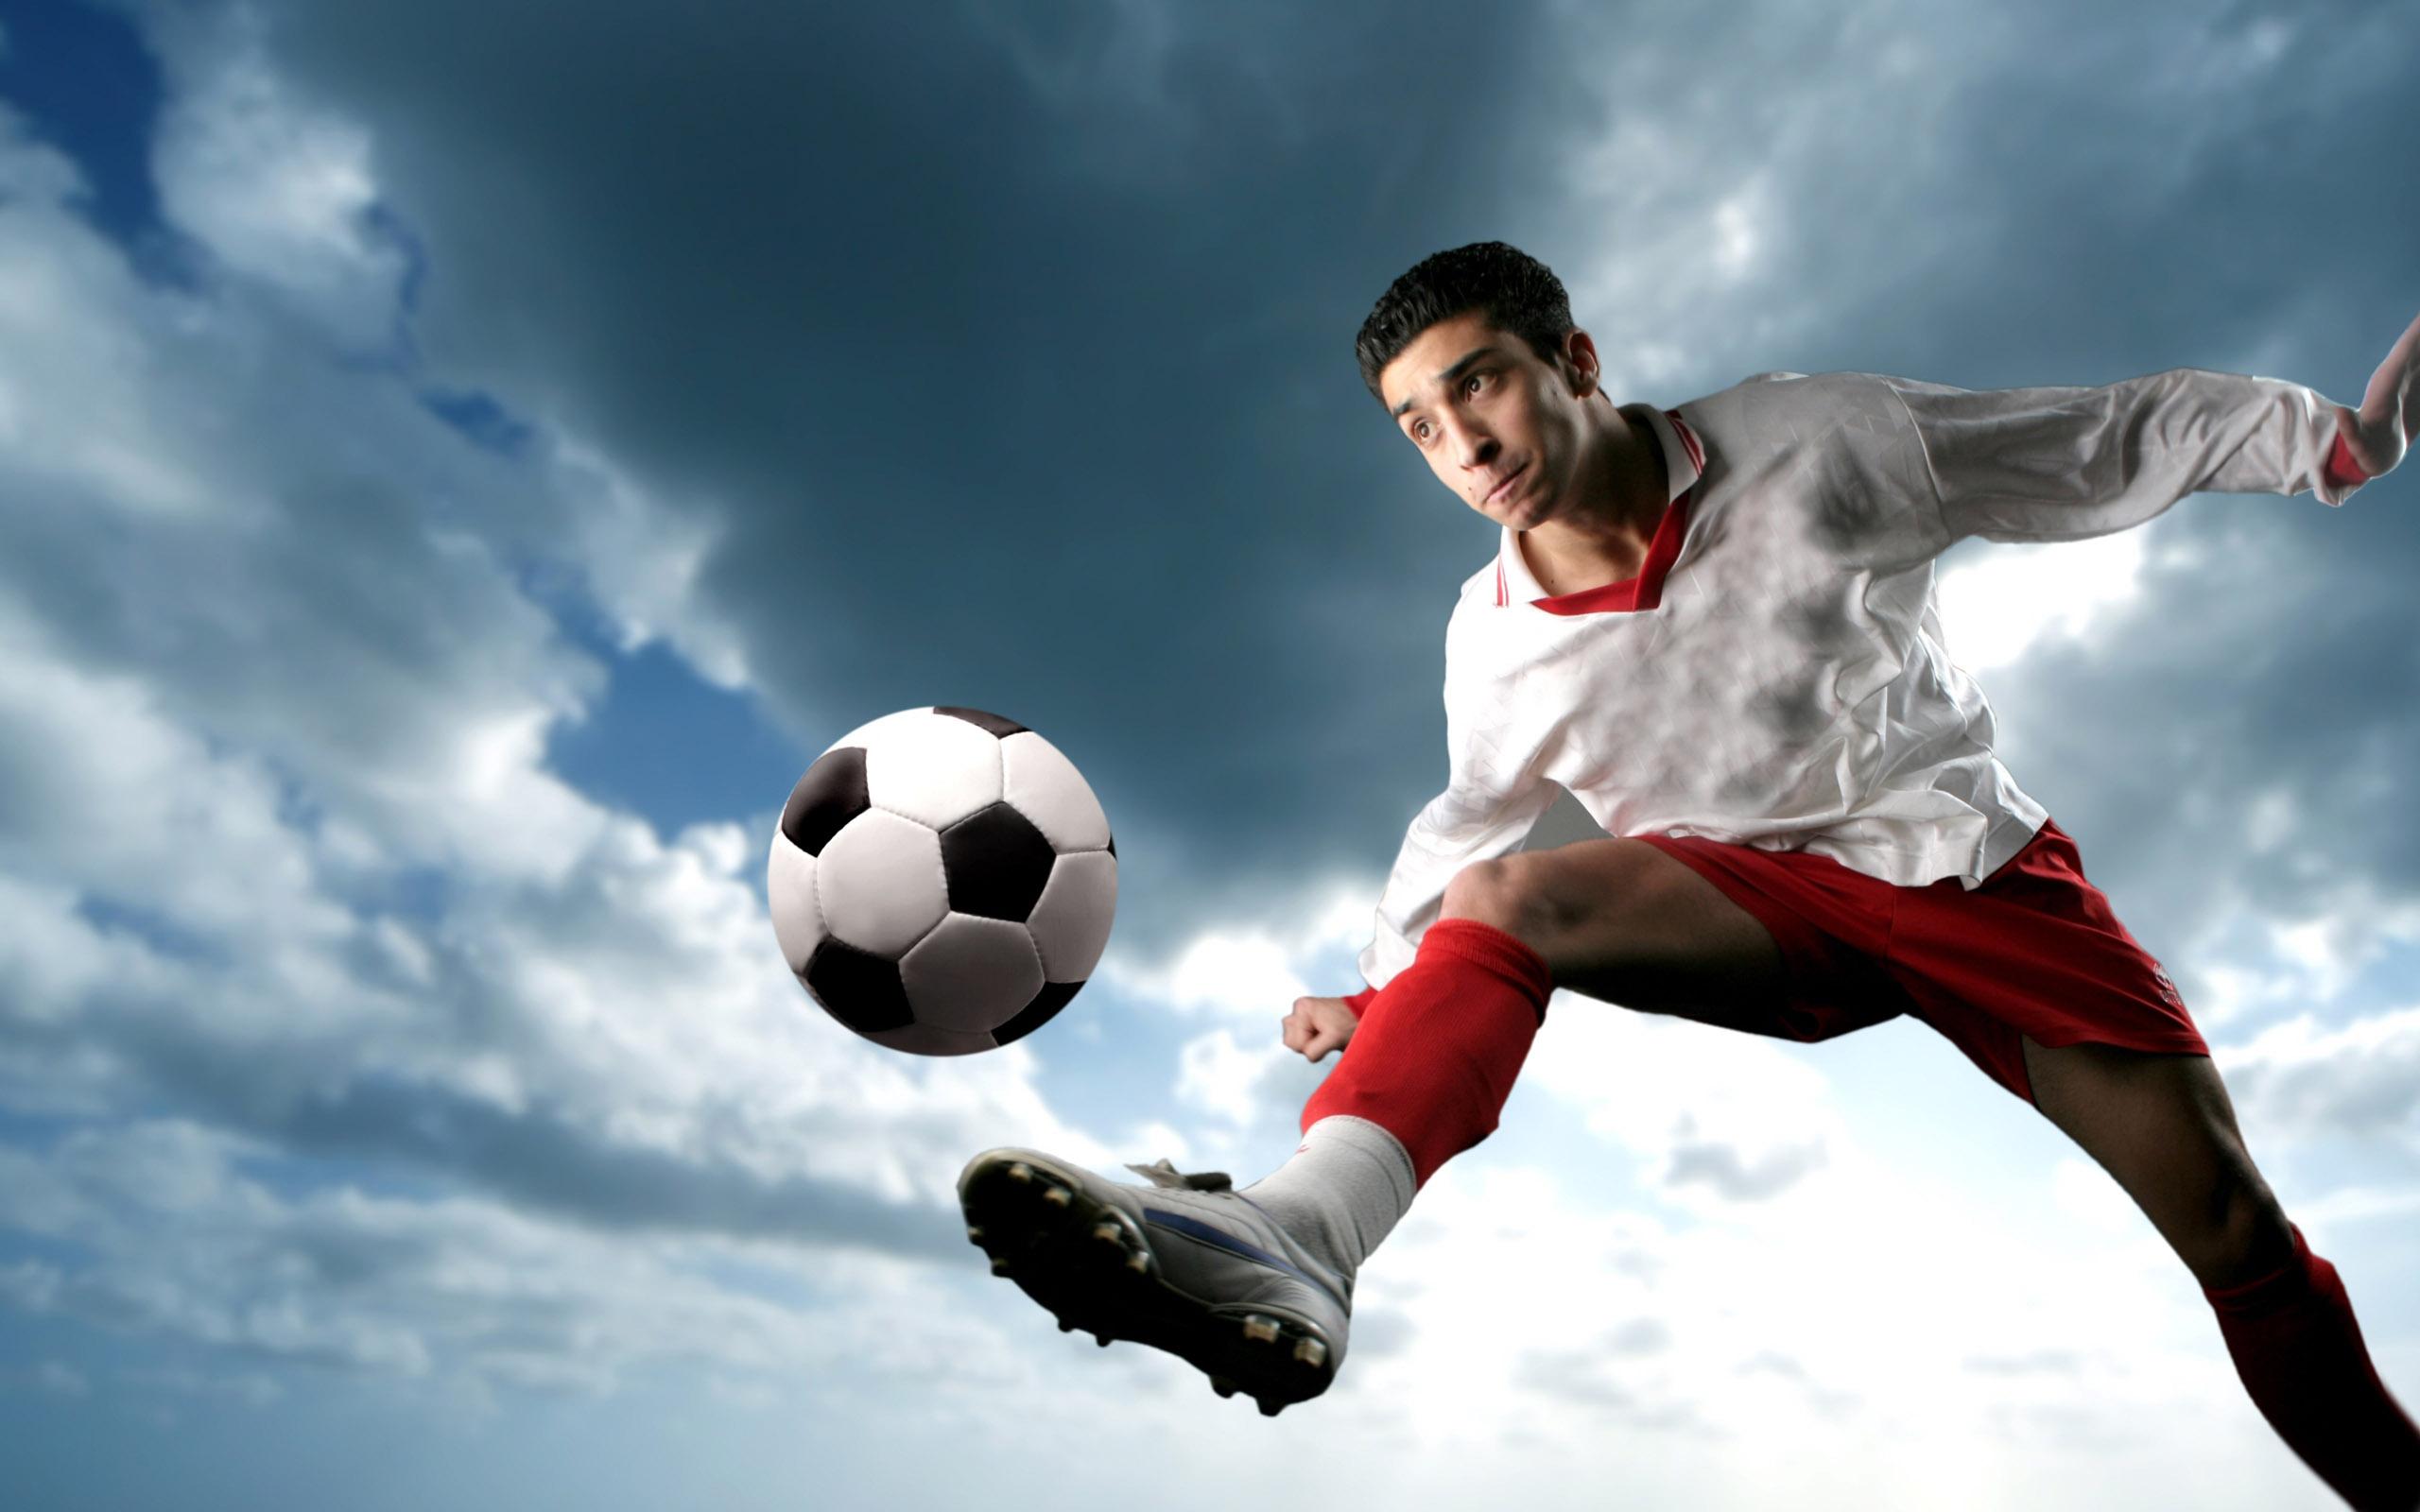 soccer desktop backgrounds soccer desktop backgrounds Desktop 2560x1600